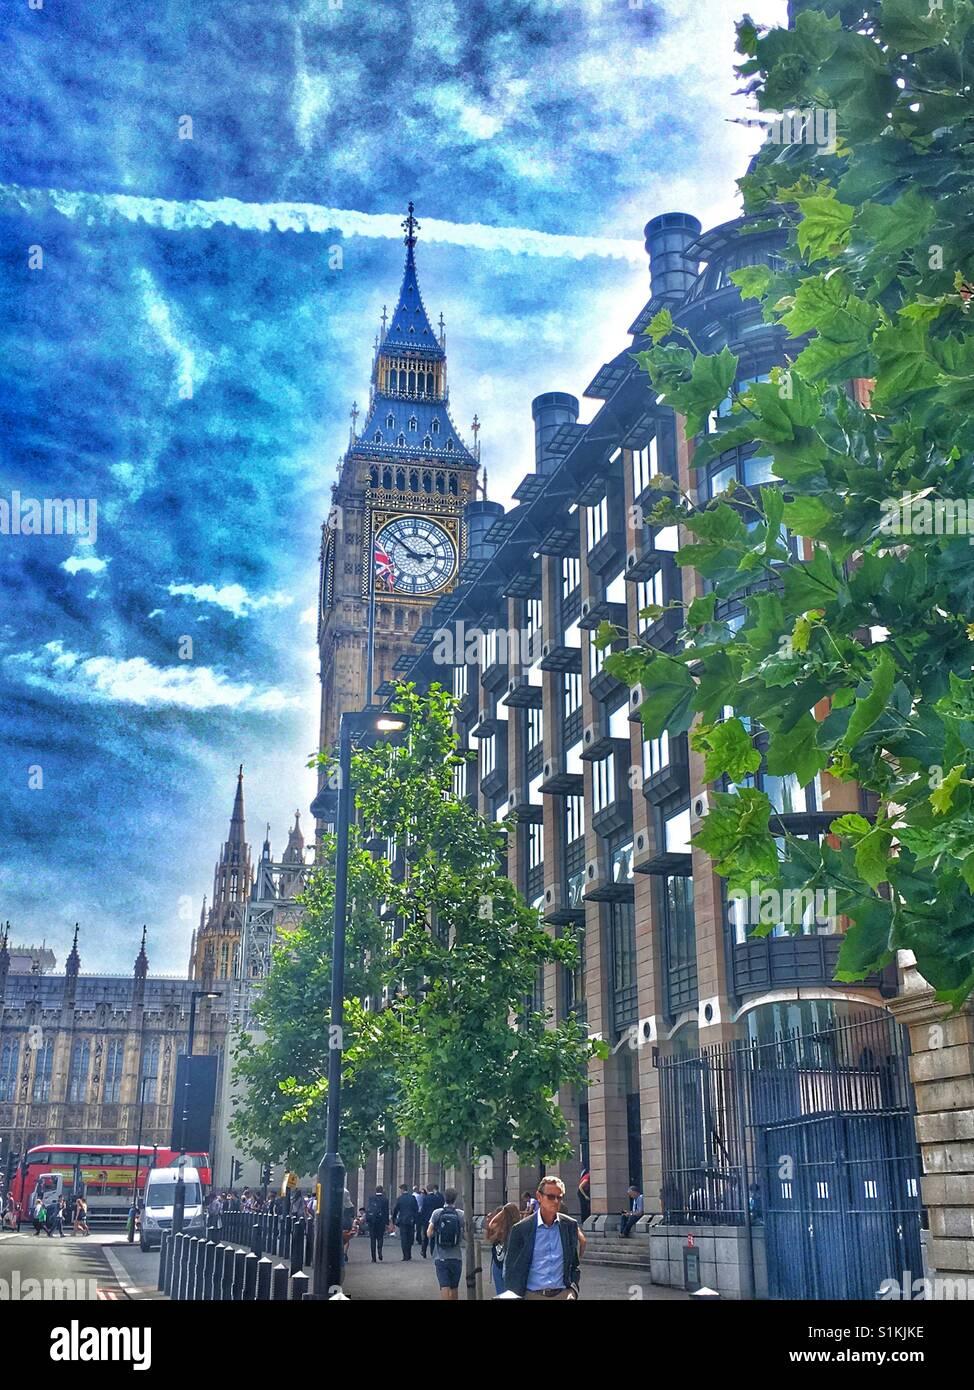 El Big Ben, las Casas del Parlamento y Portcullis House, Londres, Reino Unido. Foto de stock